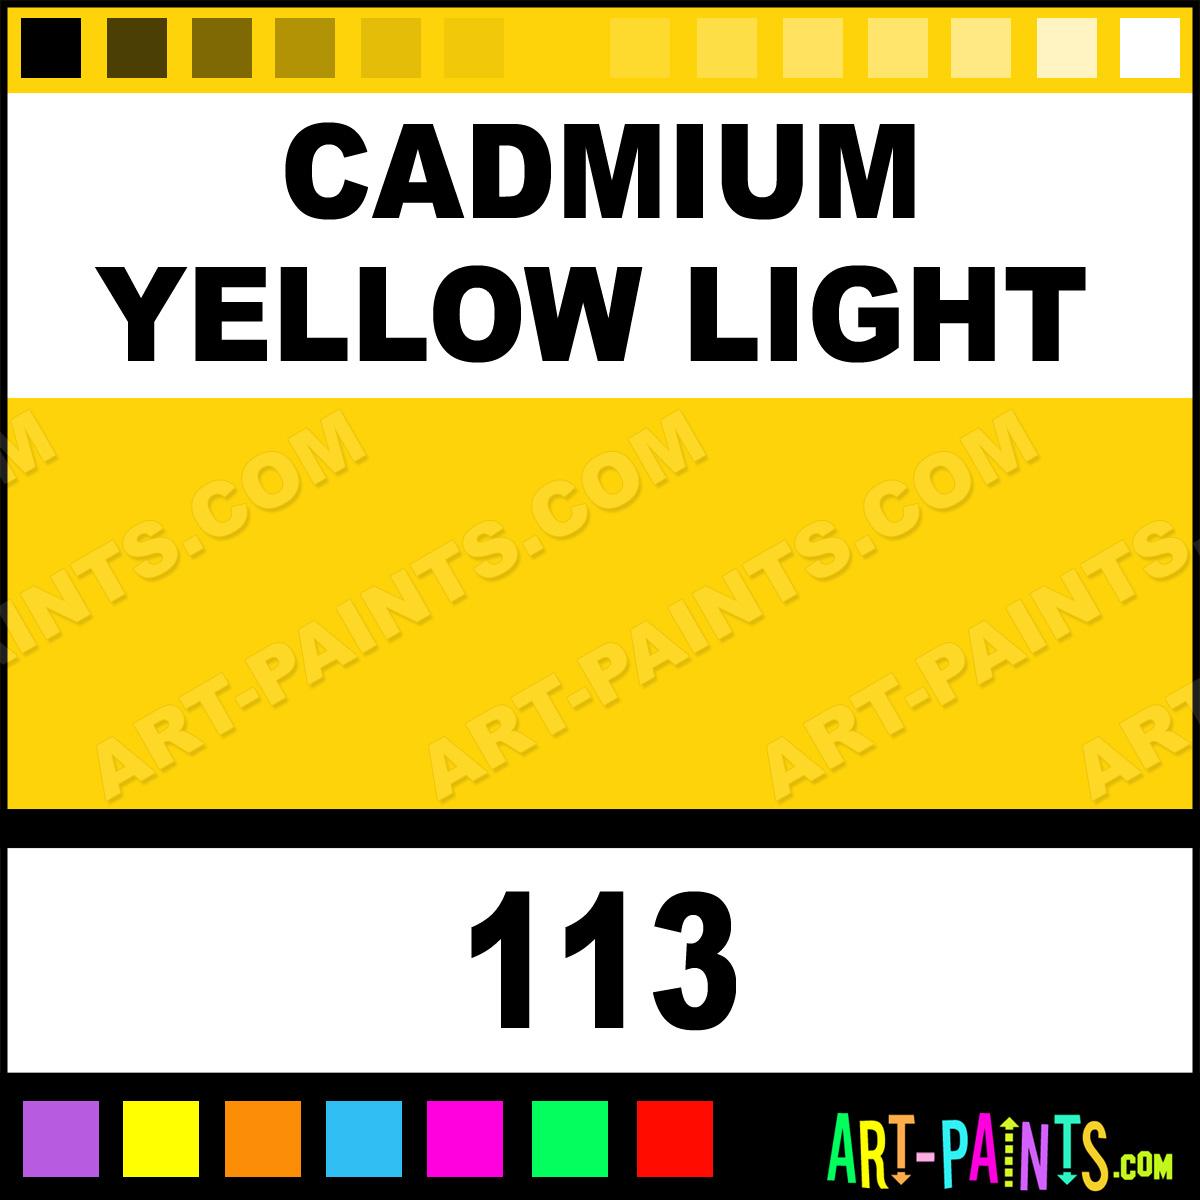 bauhaus artisan cadmium yellow light